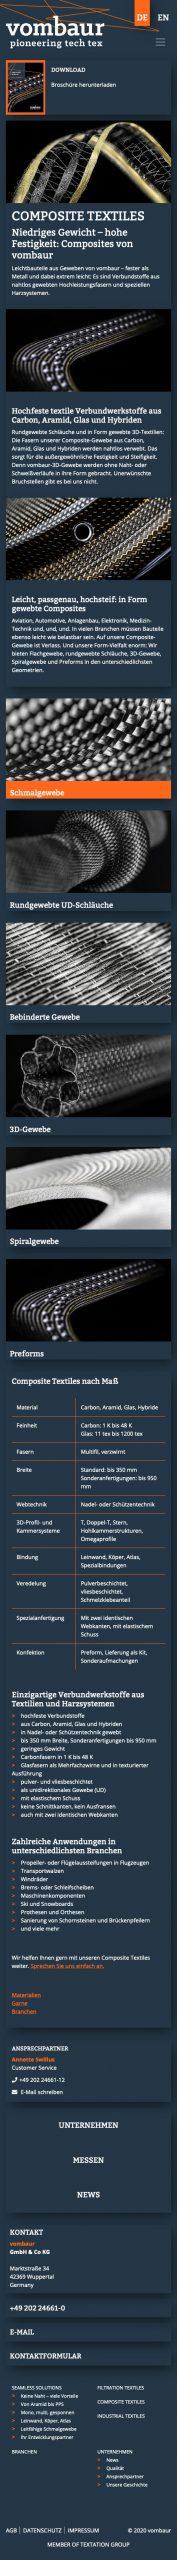 Composite Textiles vombaur_de MOBIL